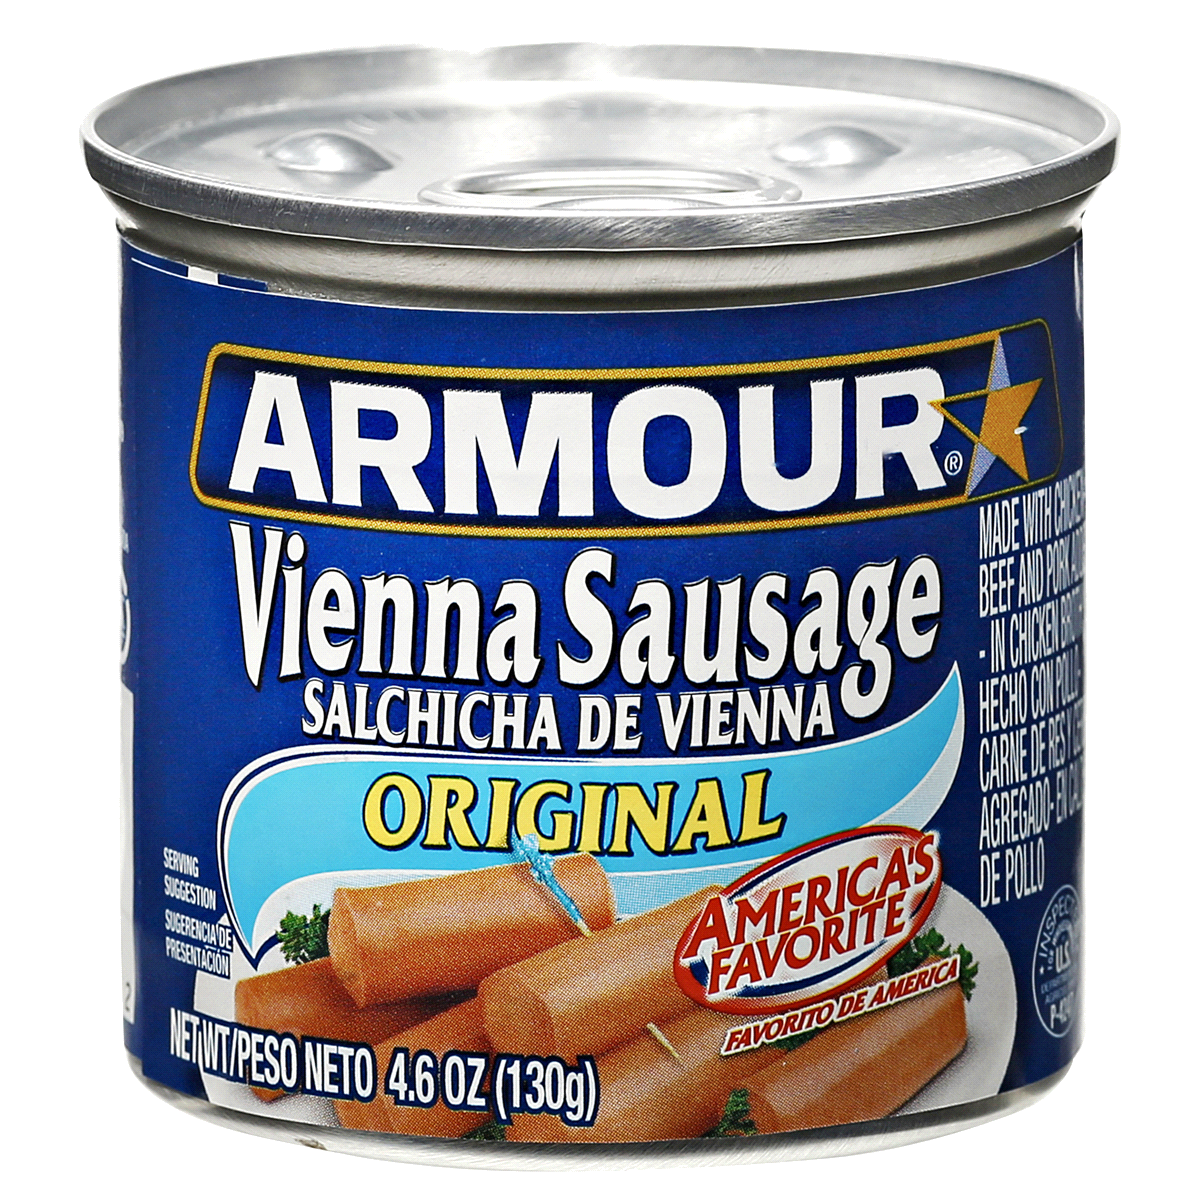 Salchichas Vienna Sausage